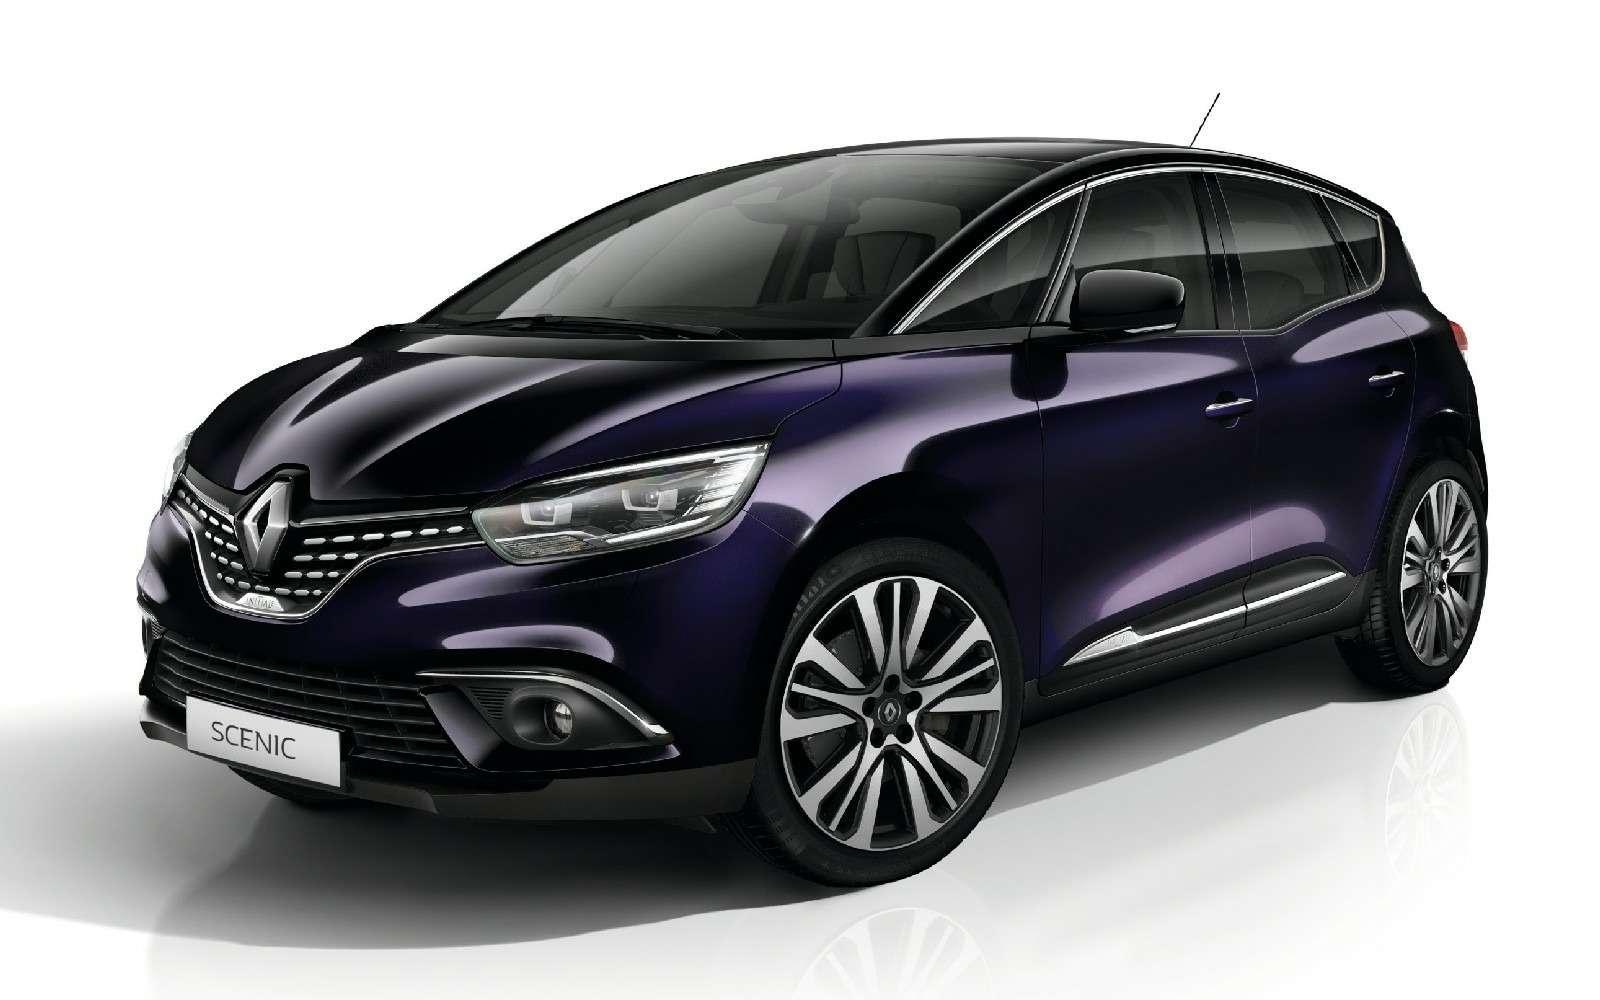 Парижский гламур: новый Renault Scenic стал еще красивее— фото 759168